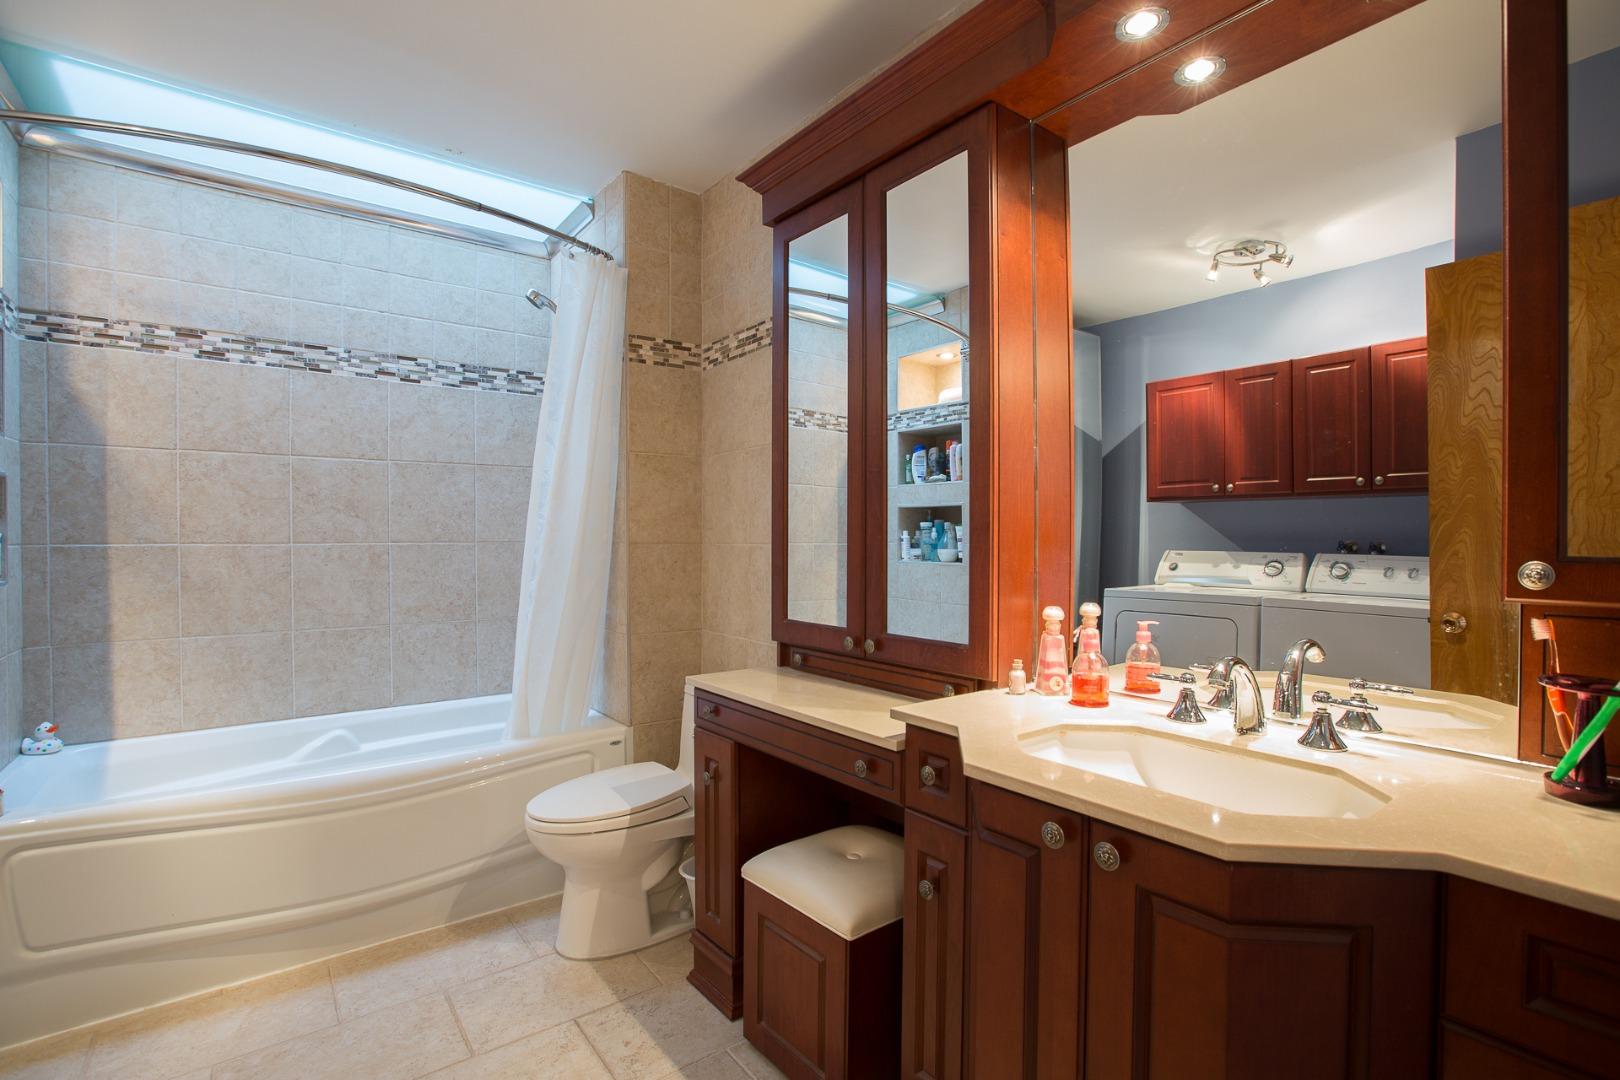 Duplex à vendre Montréal Mercier Hochelaga-Maisonneuve - Salle de bain